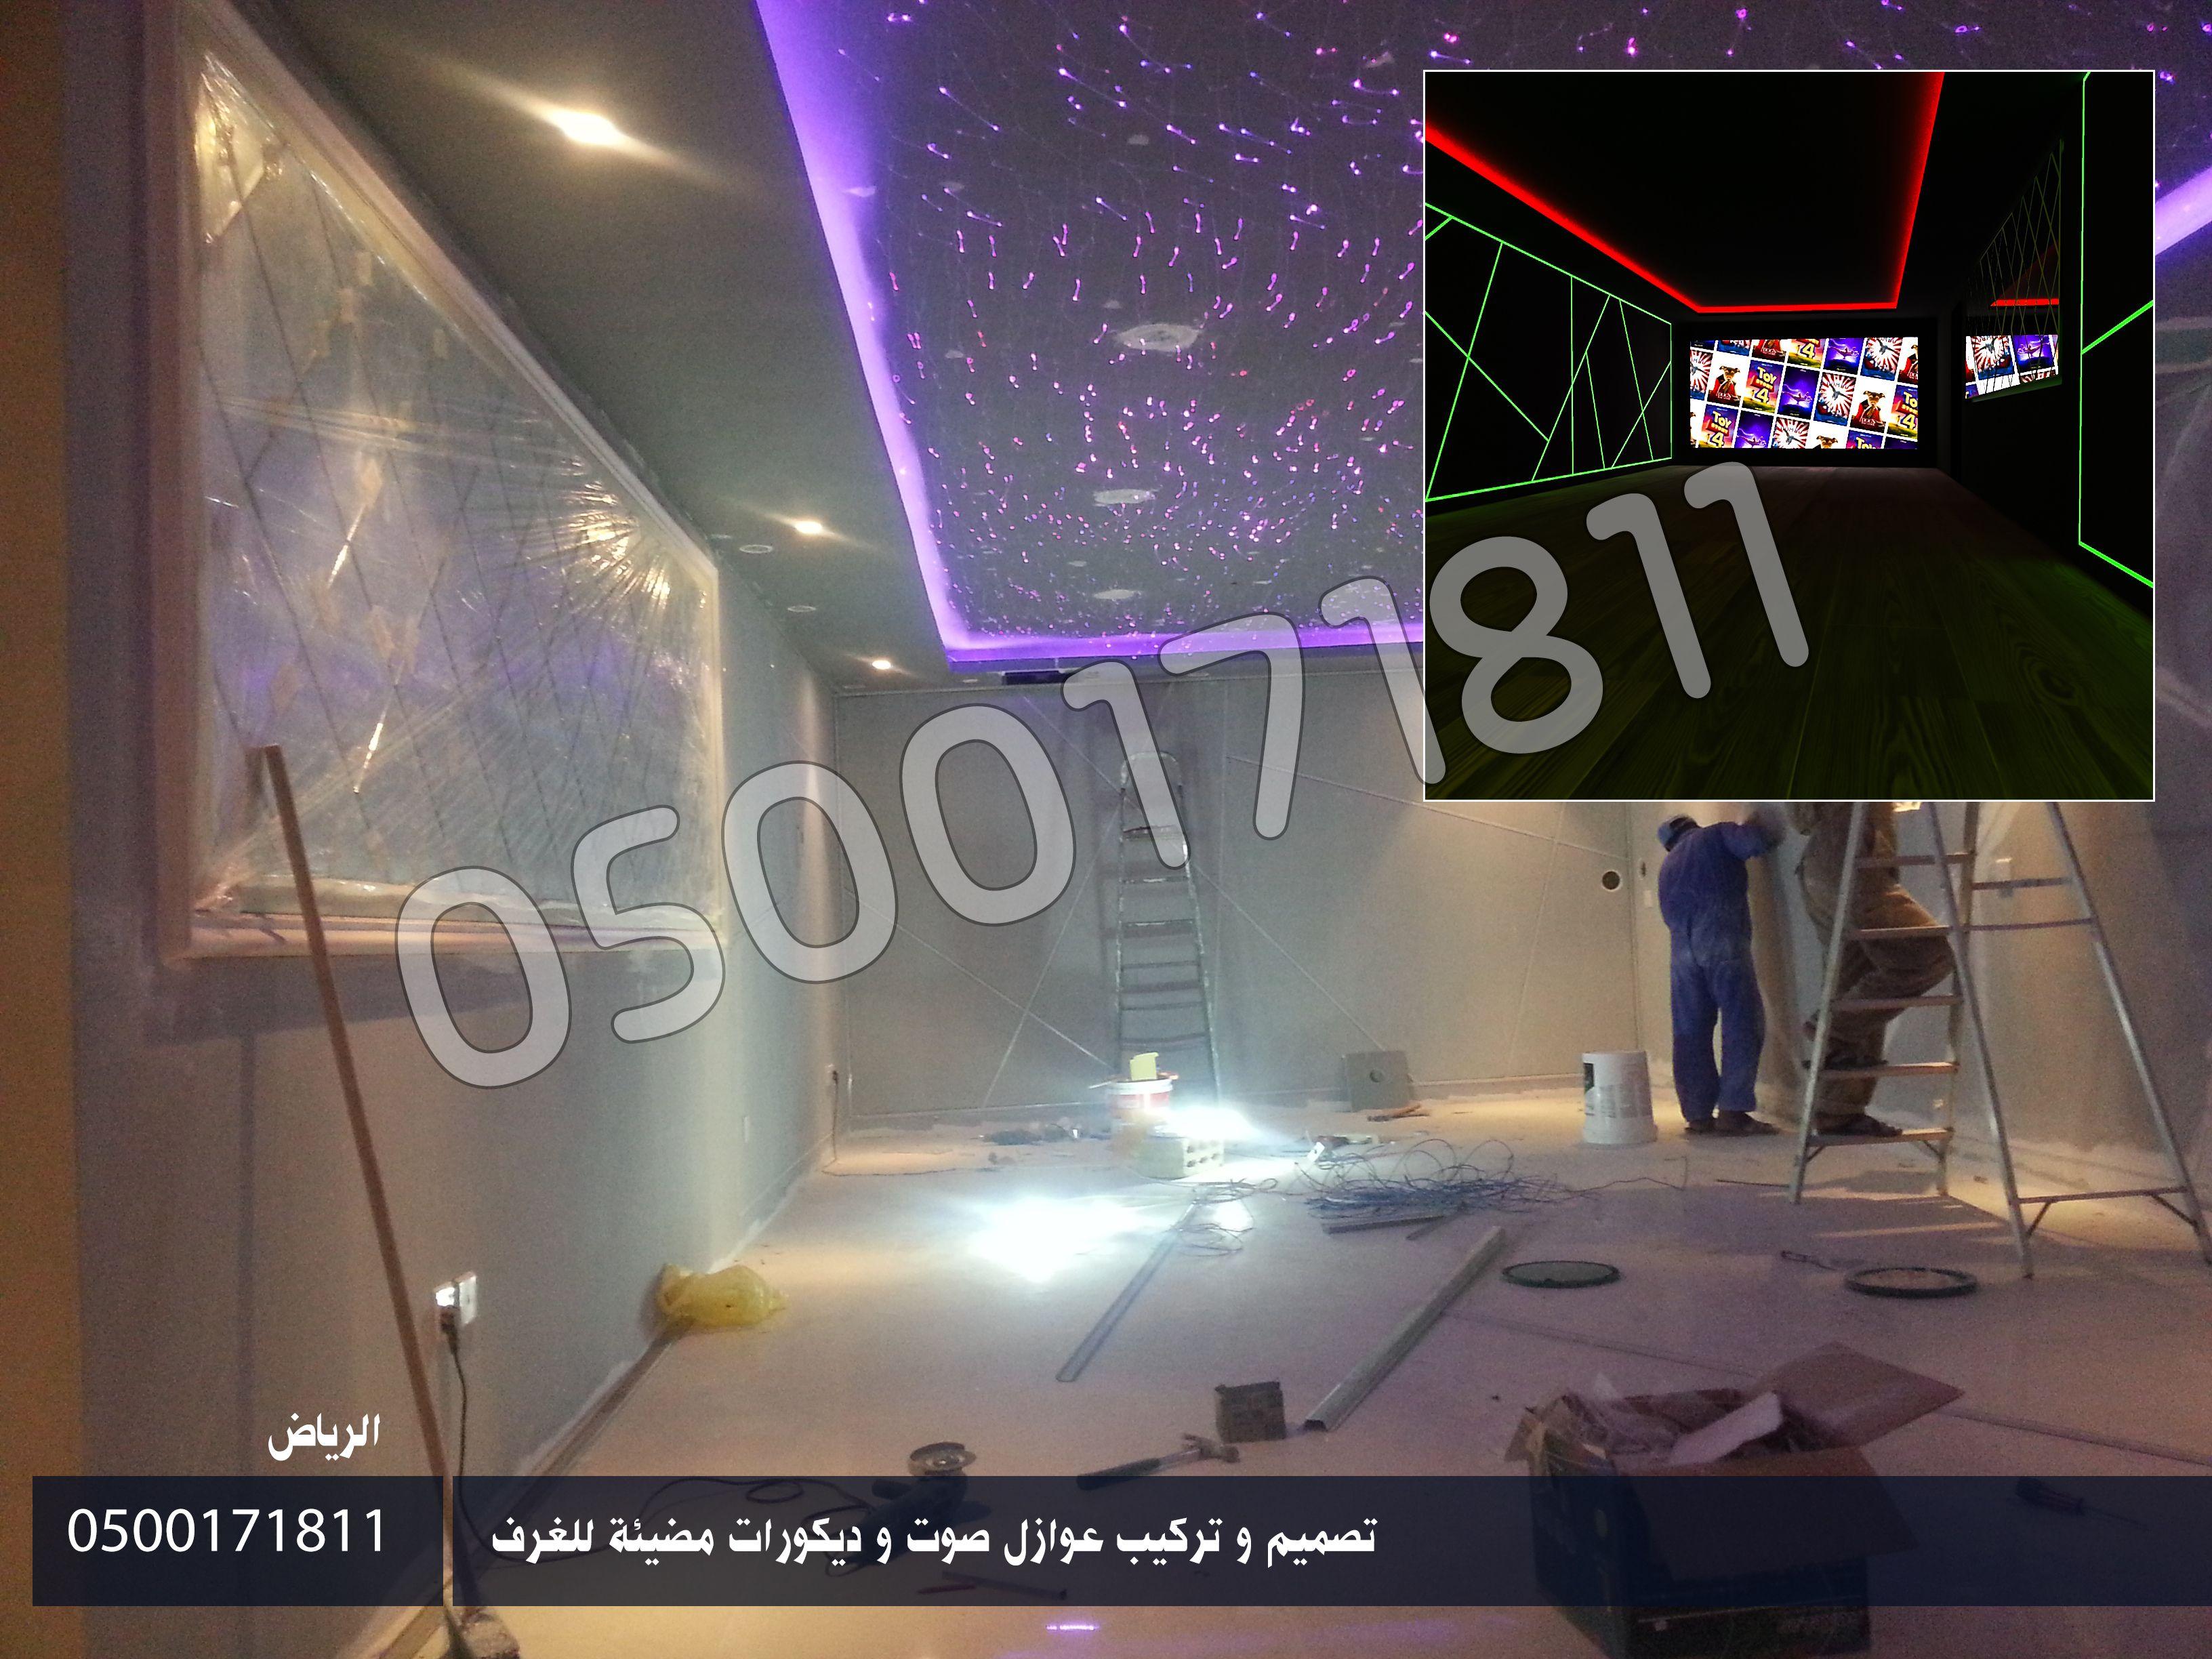 ديكور صالة و جلسات مضيئة و عزل صوت الرياض Neon Signs Neon Signs